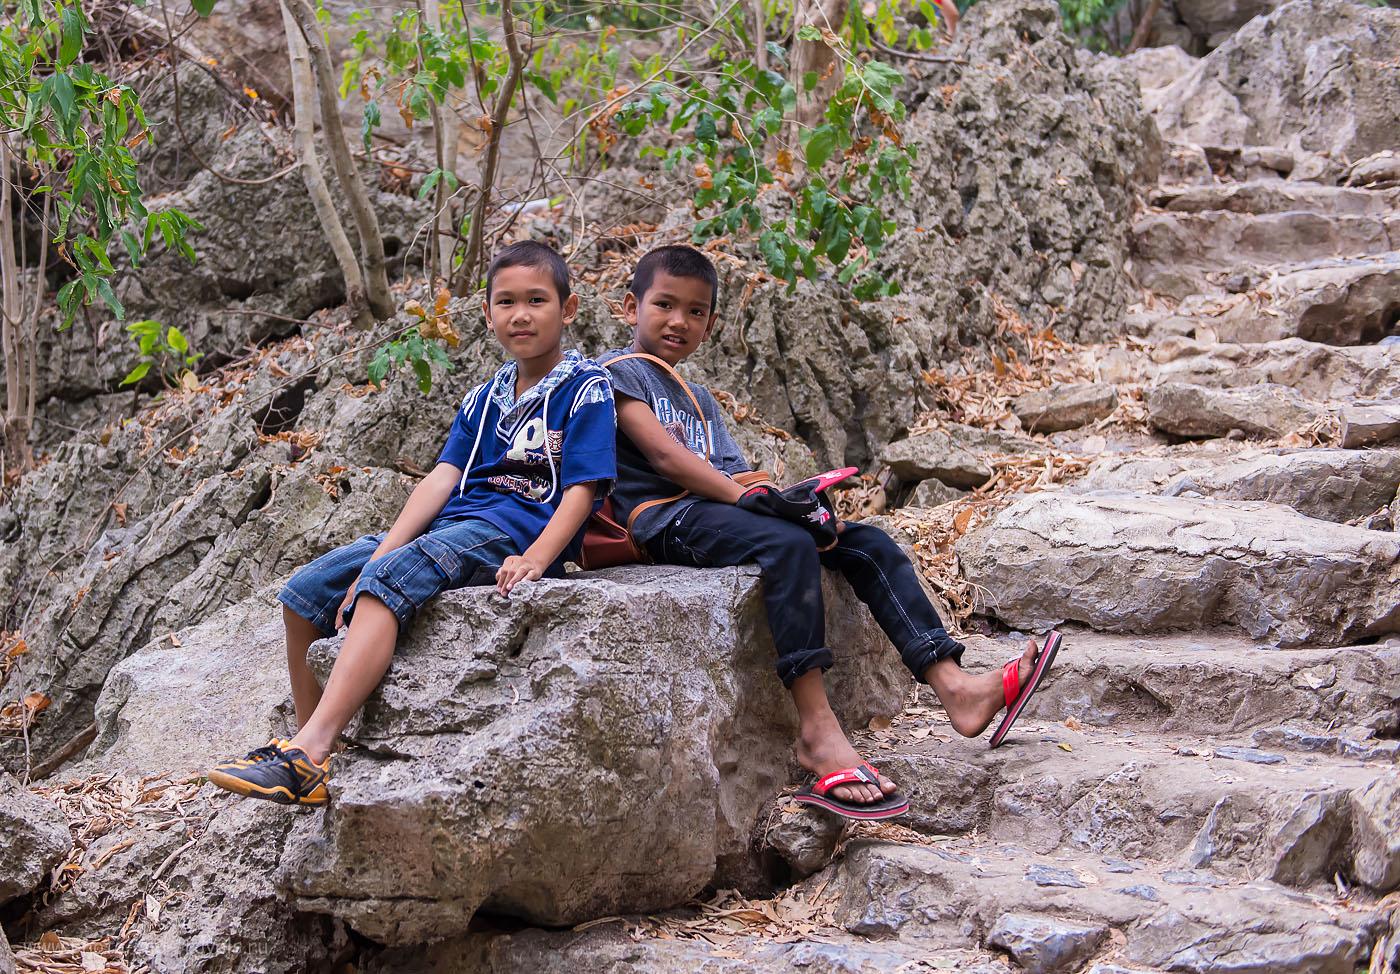 Фотография 21. Ходили два товарища. Ага... Отзывы туристов об экскурсии в пещеру Прайя Накхон в национальном парке  Као Сам Рой Йот в Таиланде. Тур на машине по окрестностям Хуахина (1000, 42, 3.2, 1/400)